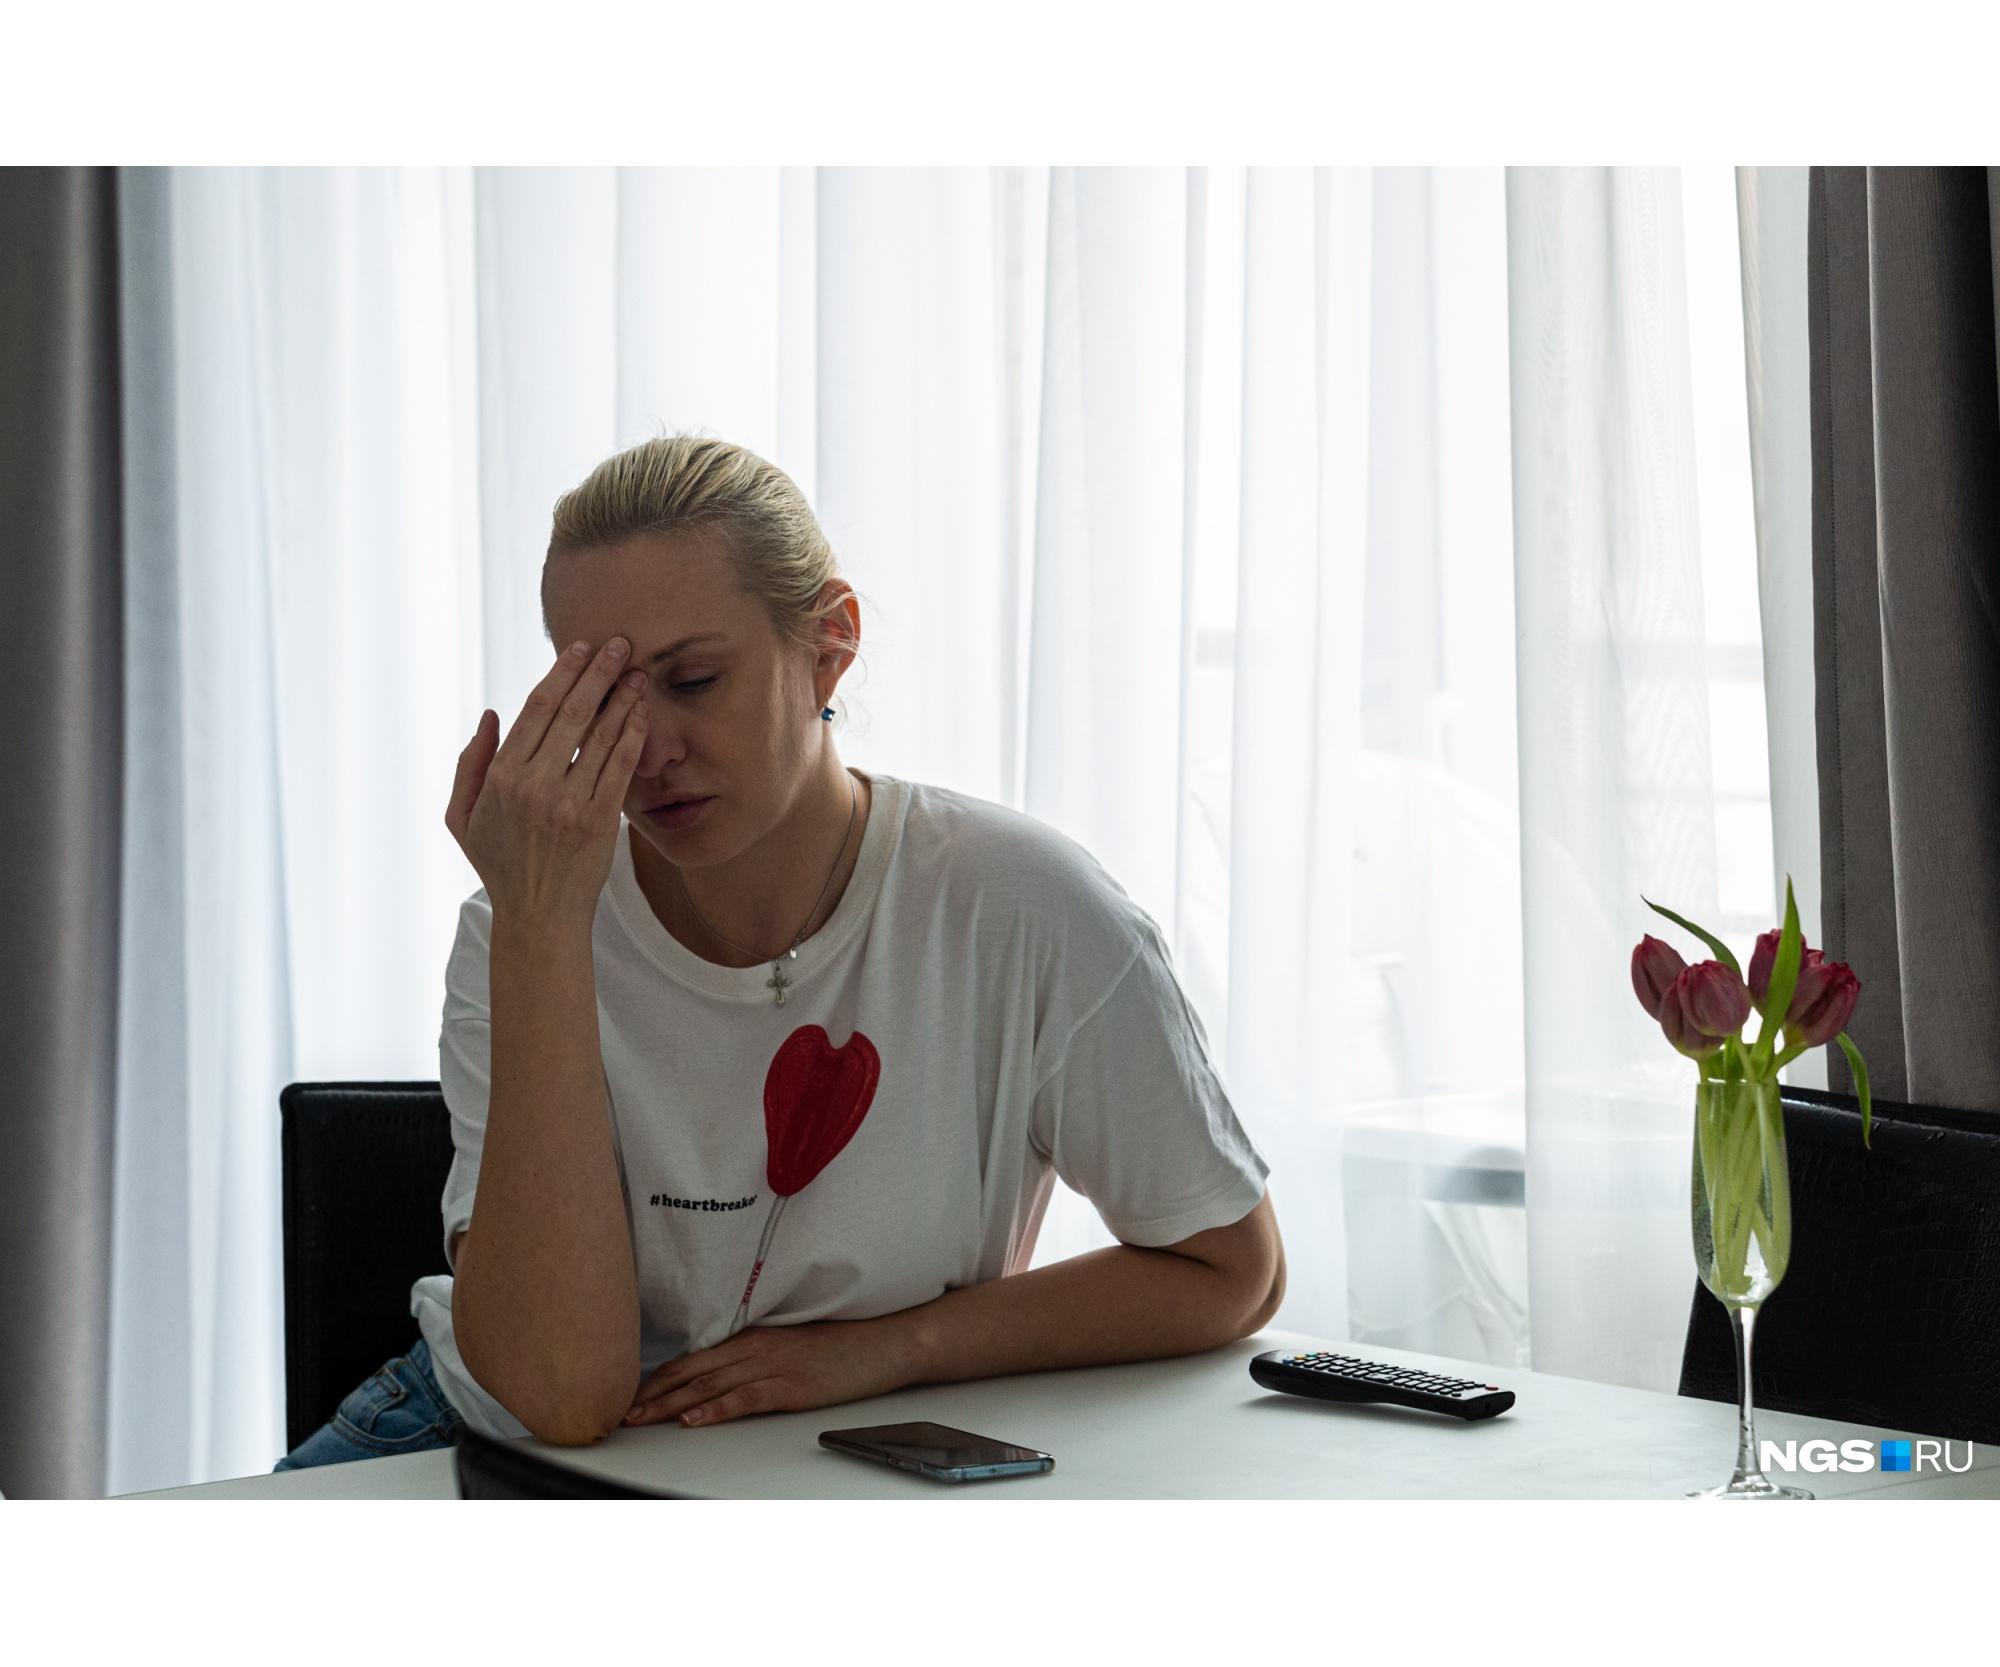 «Усталость, выгорание от лечения, которое есть сейчас у Насти, — это я всё понимаю, но как мать принять это не могу», — говорит Виктория